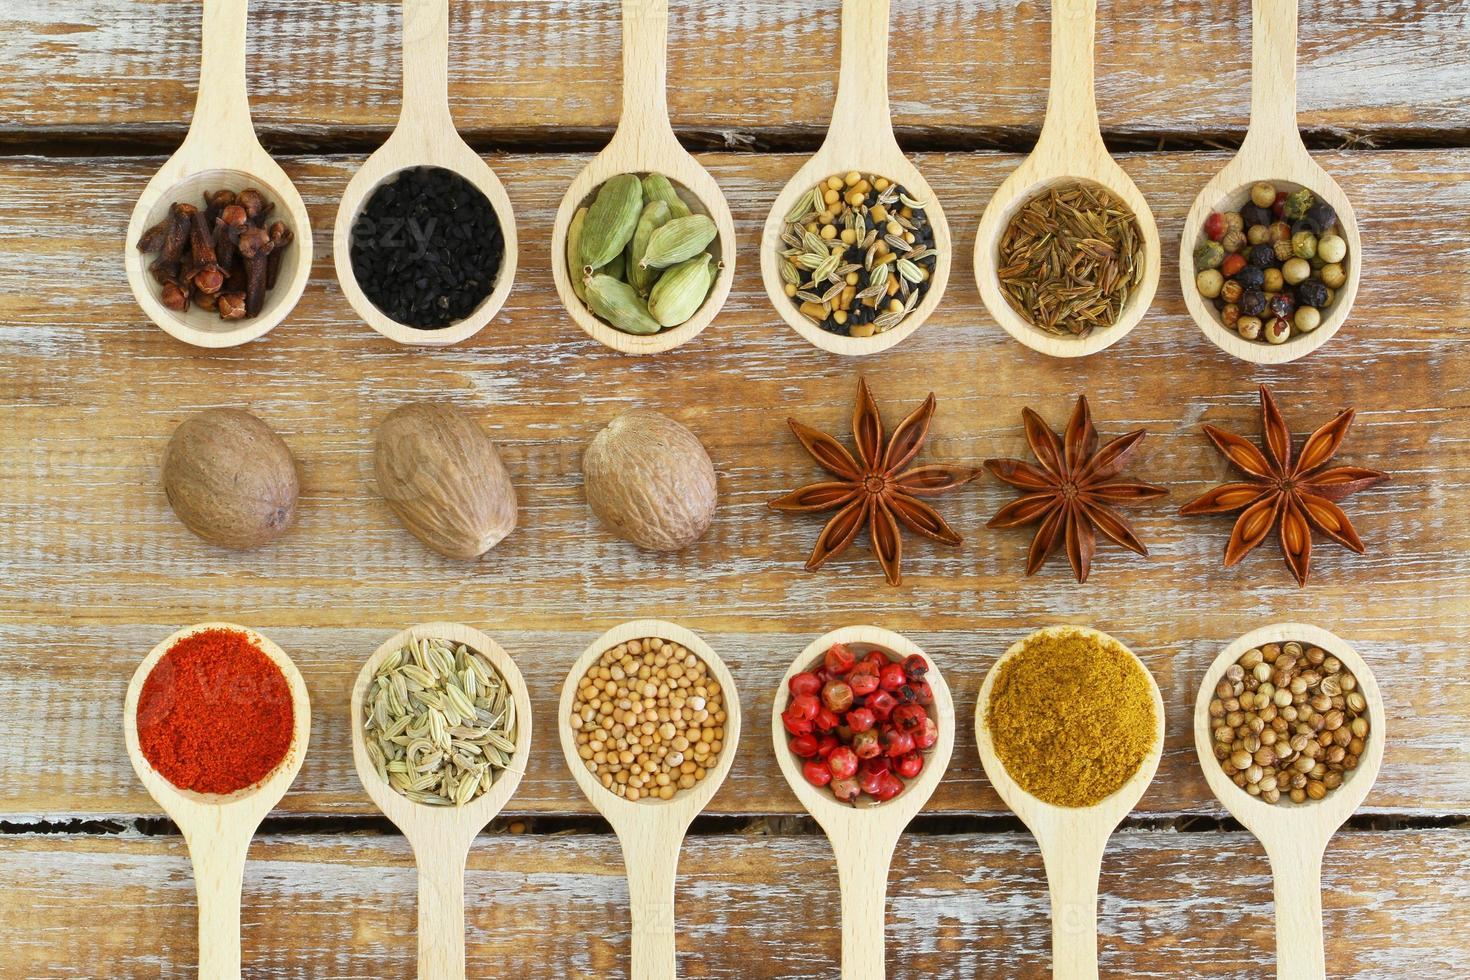 sélection d'épices indiennes sur des cuillères en bois photo